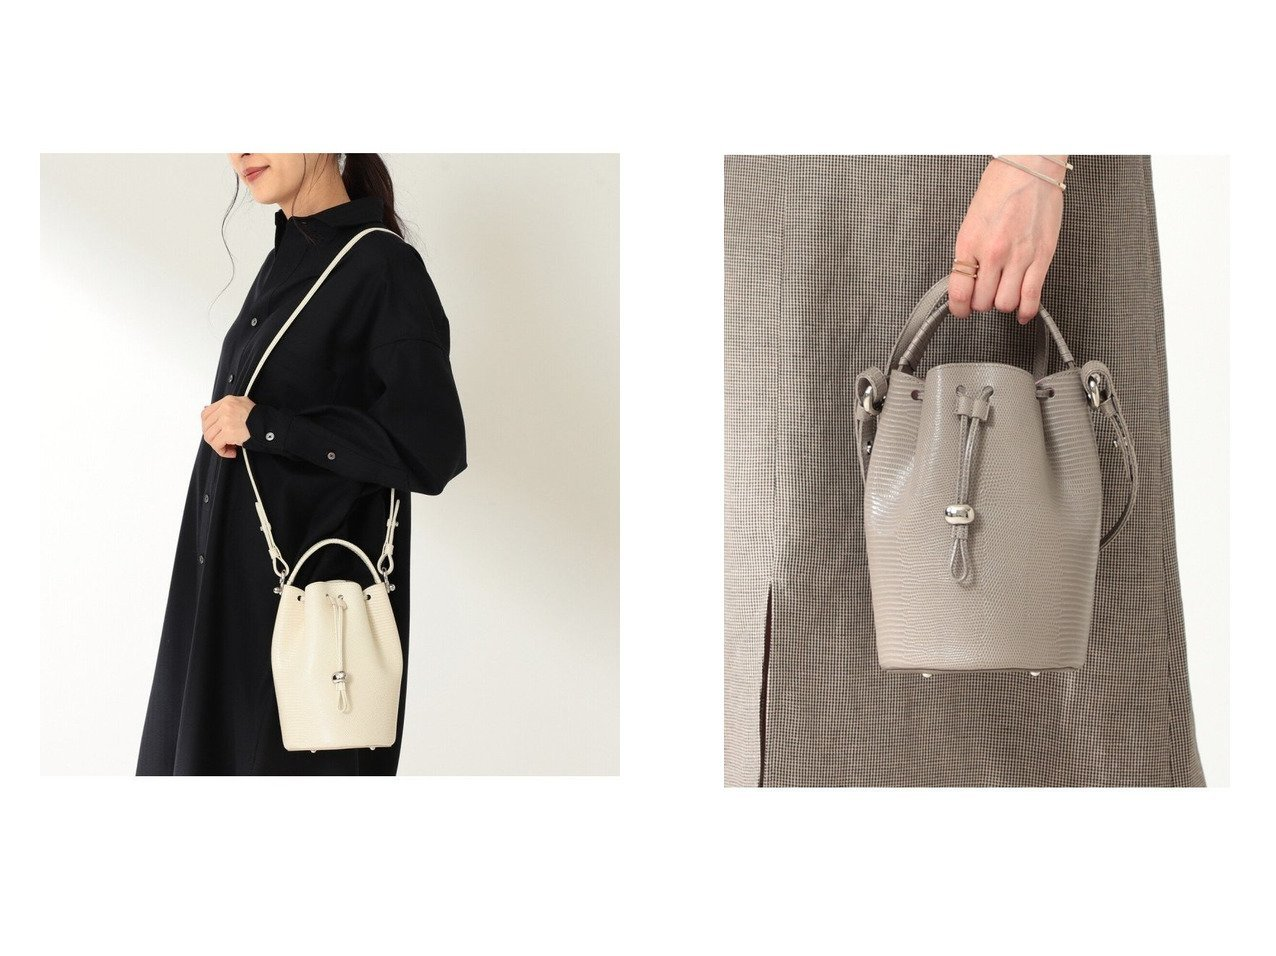 【Demi-Luxe BEAMS/デミルクス ビームス】のランタン リザード バッグ 別注・限定・コラボなど、おすすめ!人気、トレンド・レディースファッションの通販 おすすめで人気の流行・トレンド、ファッションの通販商品 インテリア・家具・メンズファッション・キッズファッション・レディースファッション・服の通販 founy(ファニー) https://founy.com/ ファッション Fashion レディースファッション WOMEN バッグ Bag クラシック 巾着 軽量 ショルダー シルバー スエード スタイリッシュ バランス フォルム 別注 モダン ラップ  ID:crp329100000055731